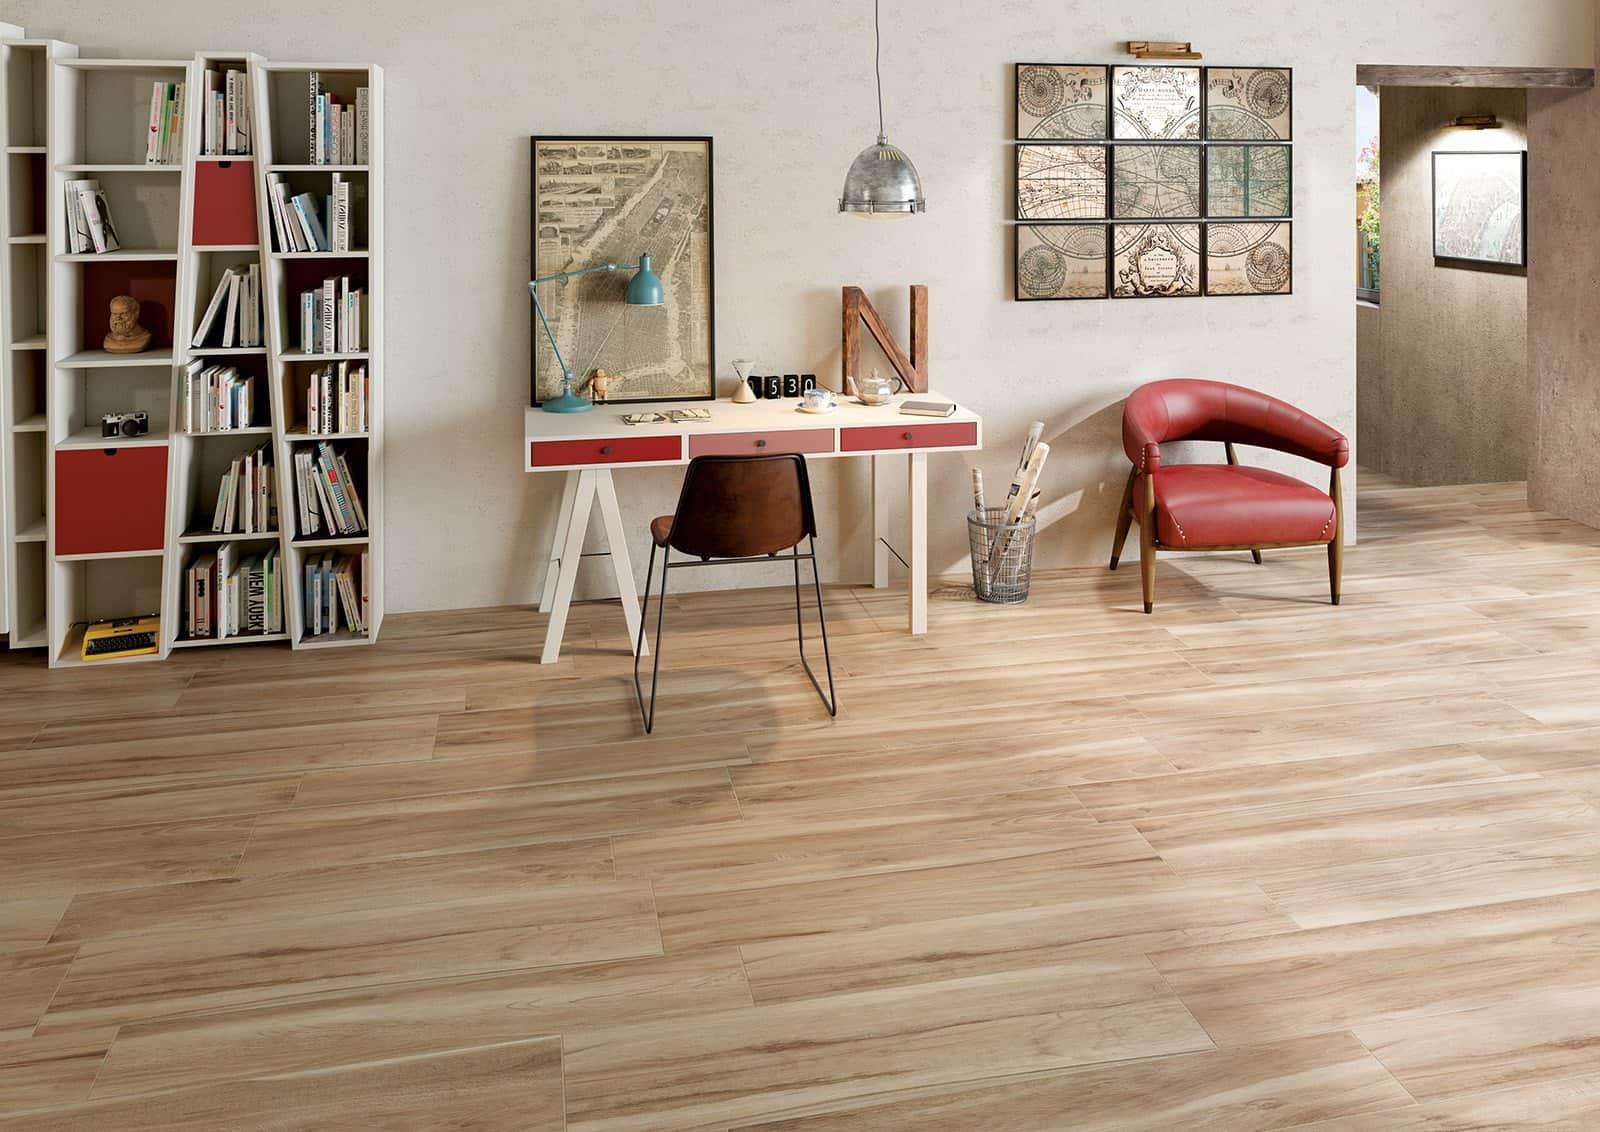 Pavimenti Effetto Legno Tortora : Serie pavimenti e rivestimenti musis